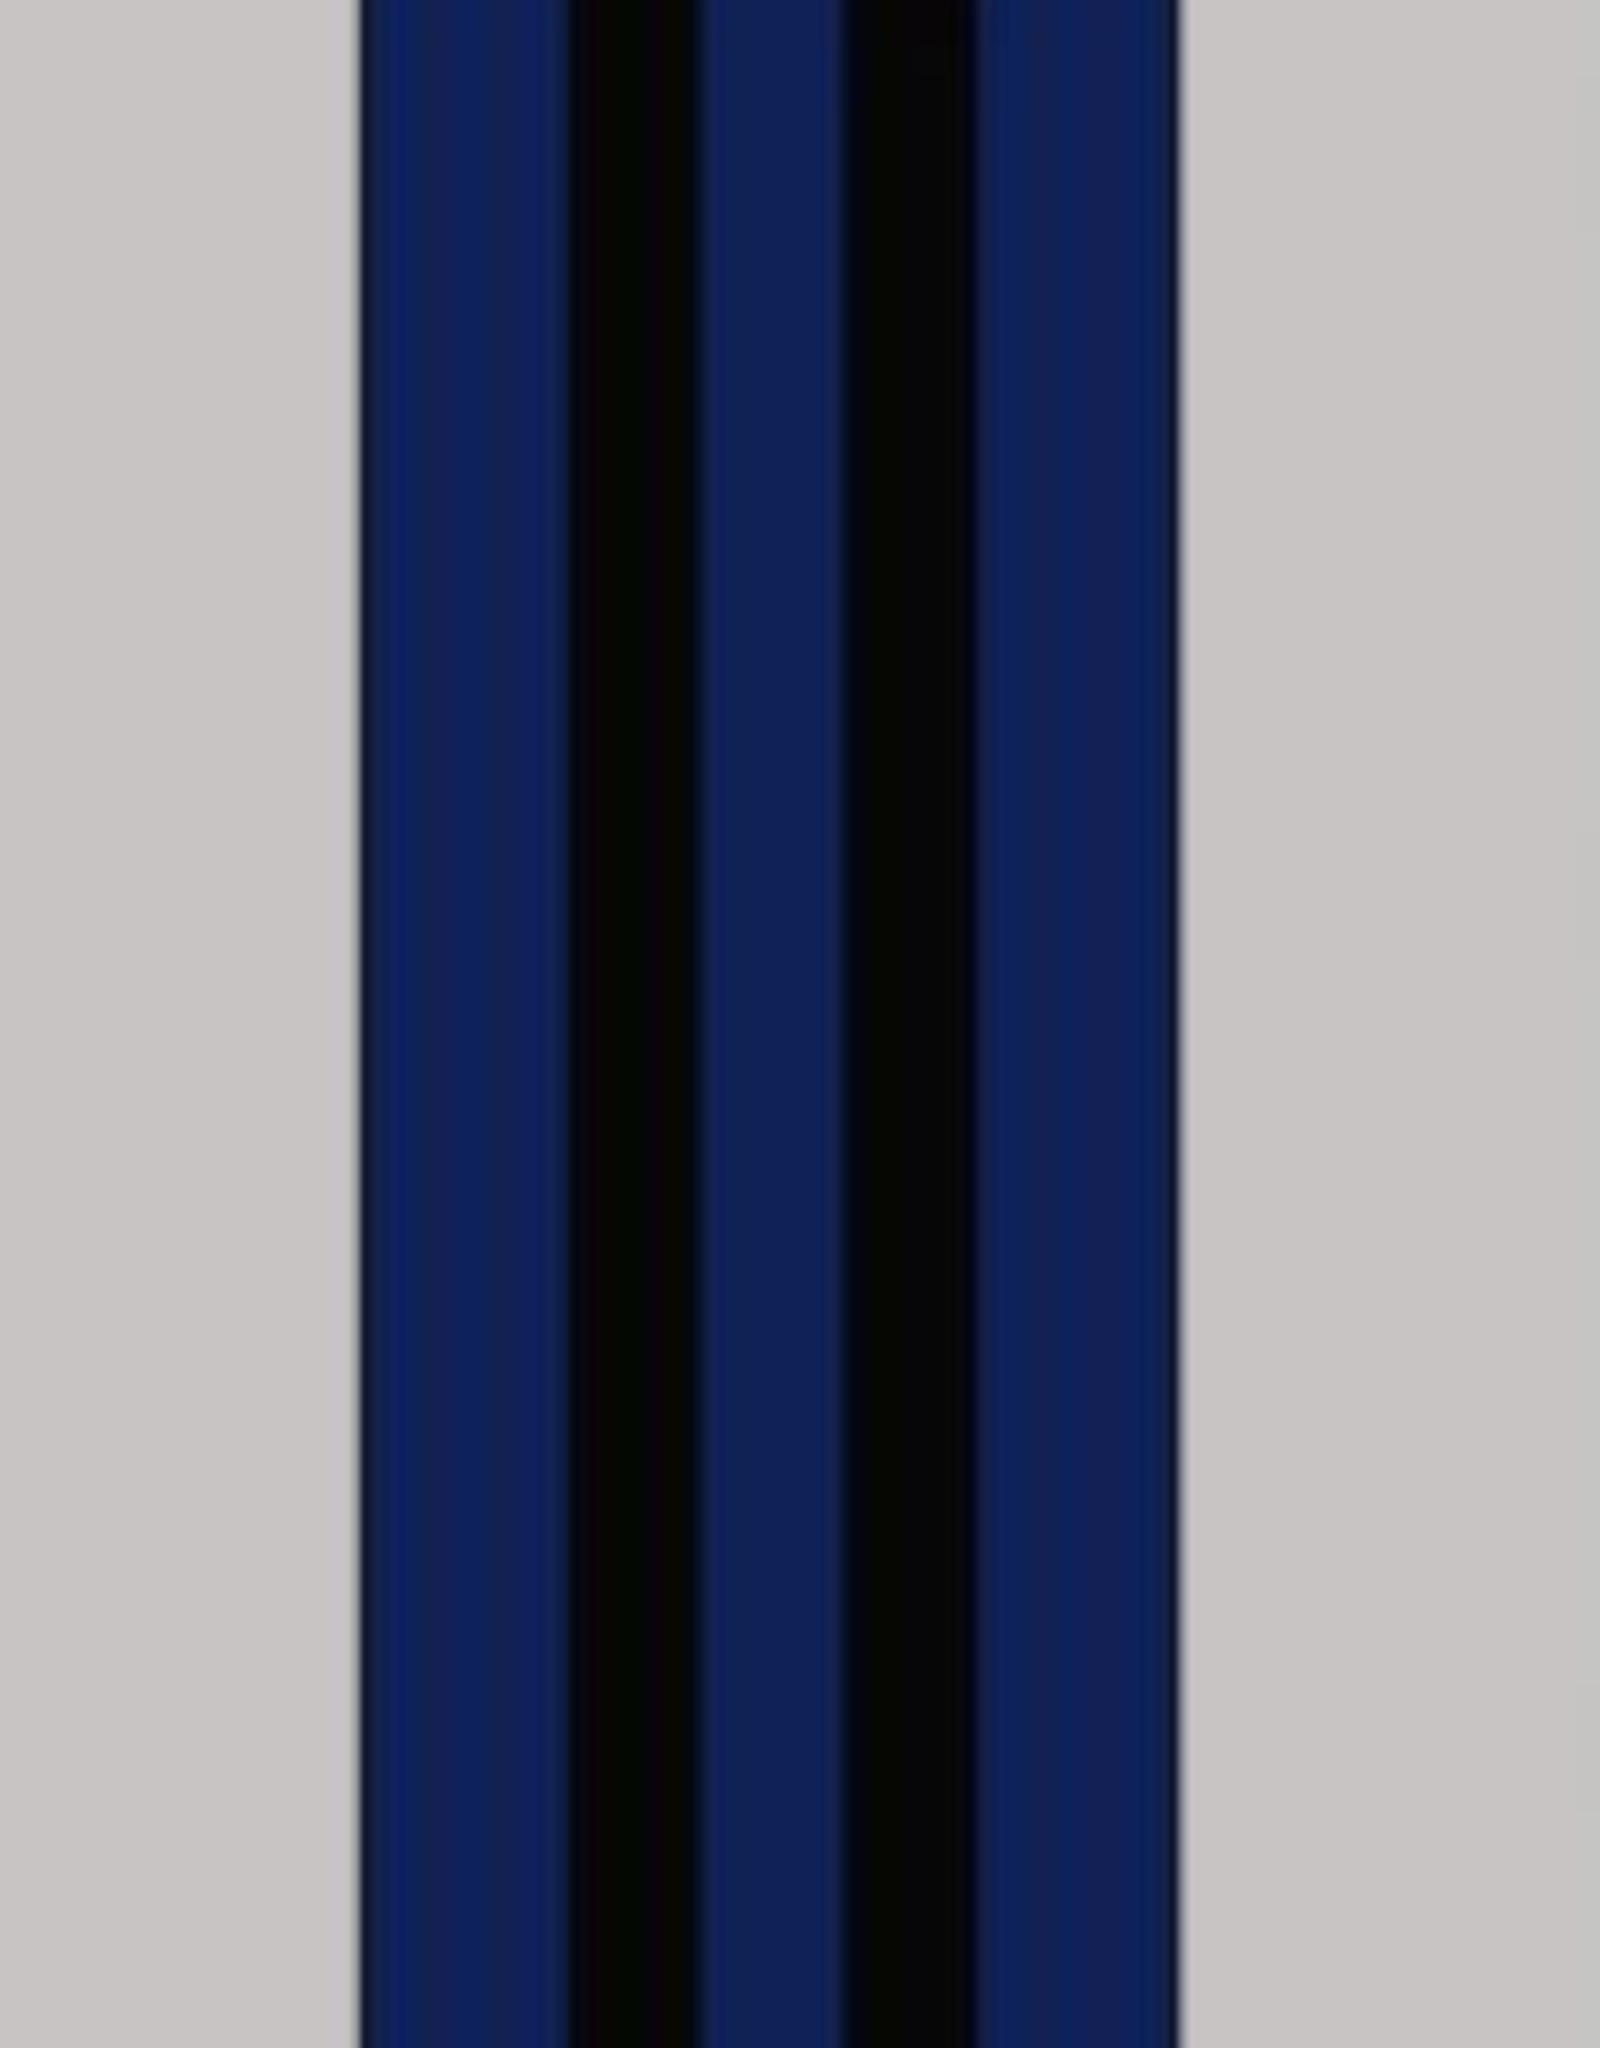 Oaki Doki Galloon trim 30mm 2*125cm bl zw stripe12006